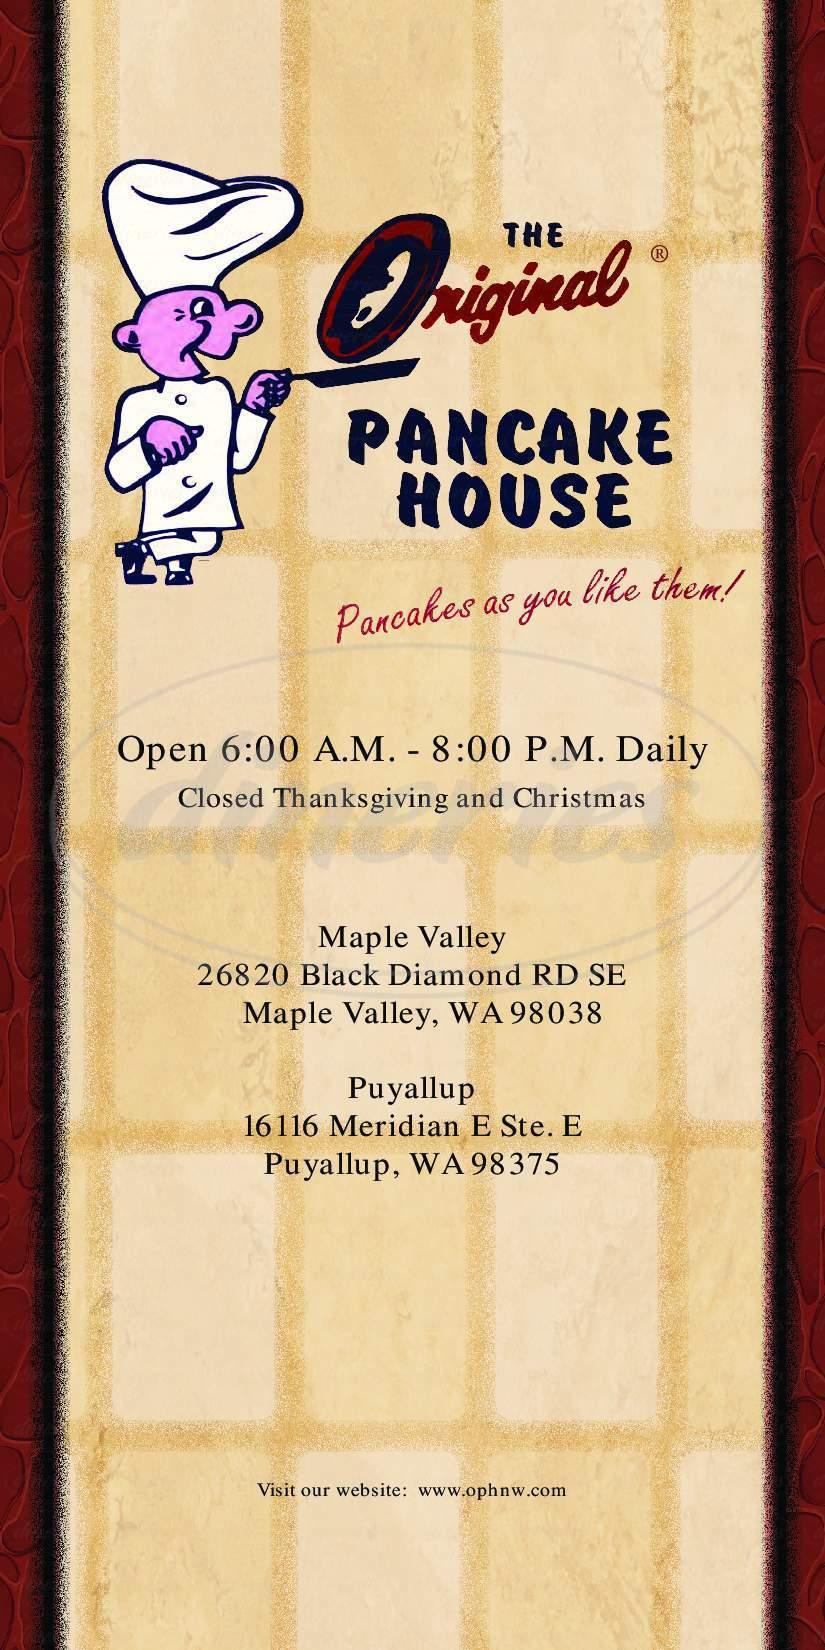 menu for The Original Pancake House